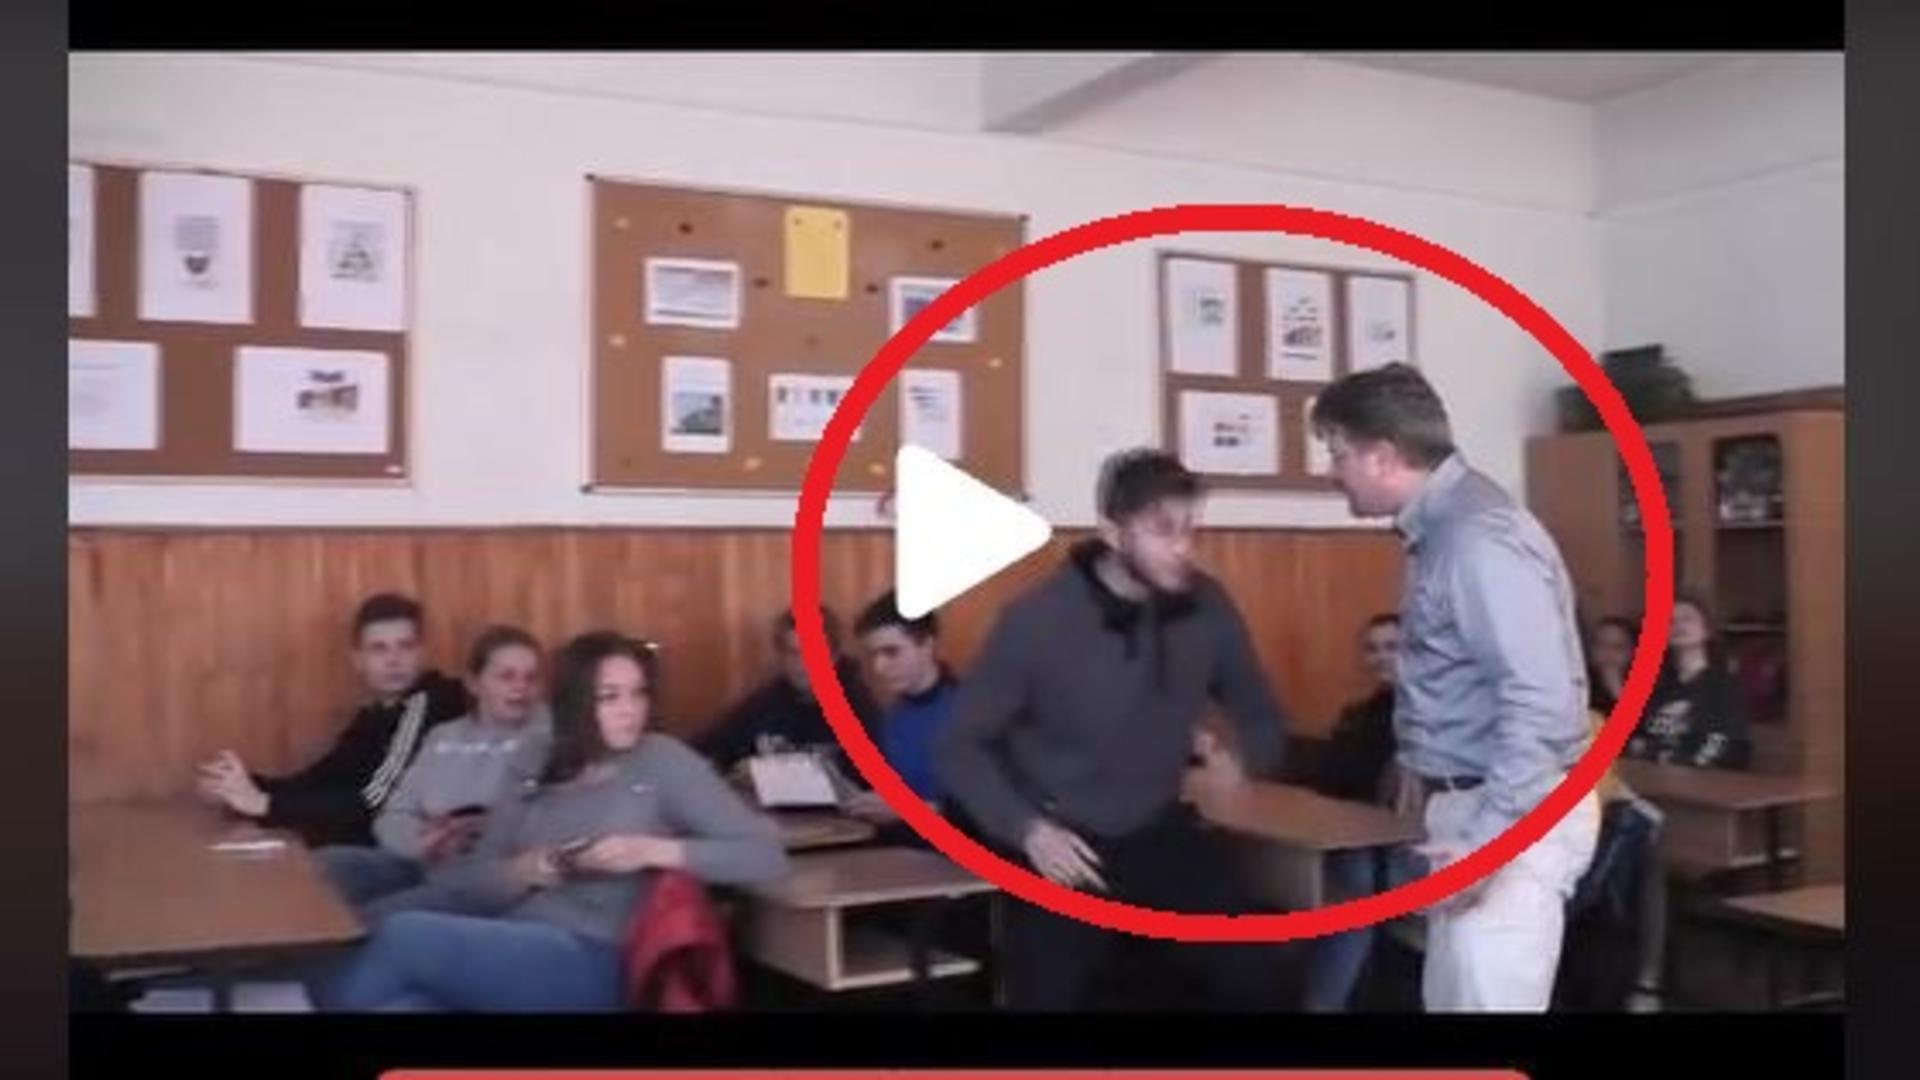 Imagini dintr-o scoala din Romania